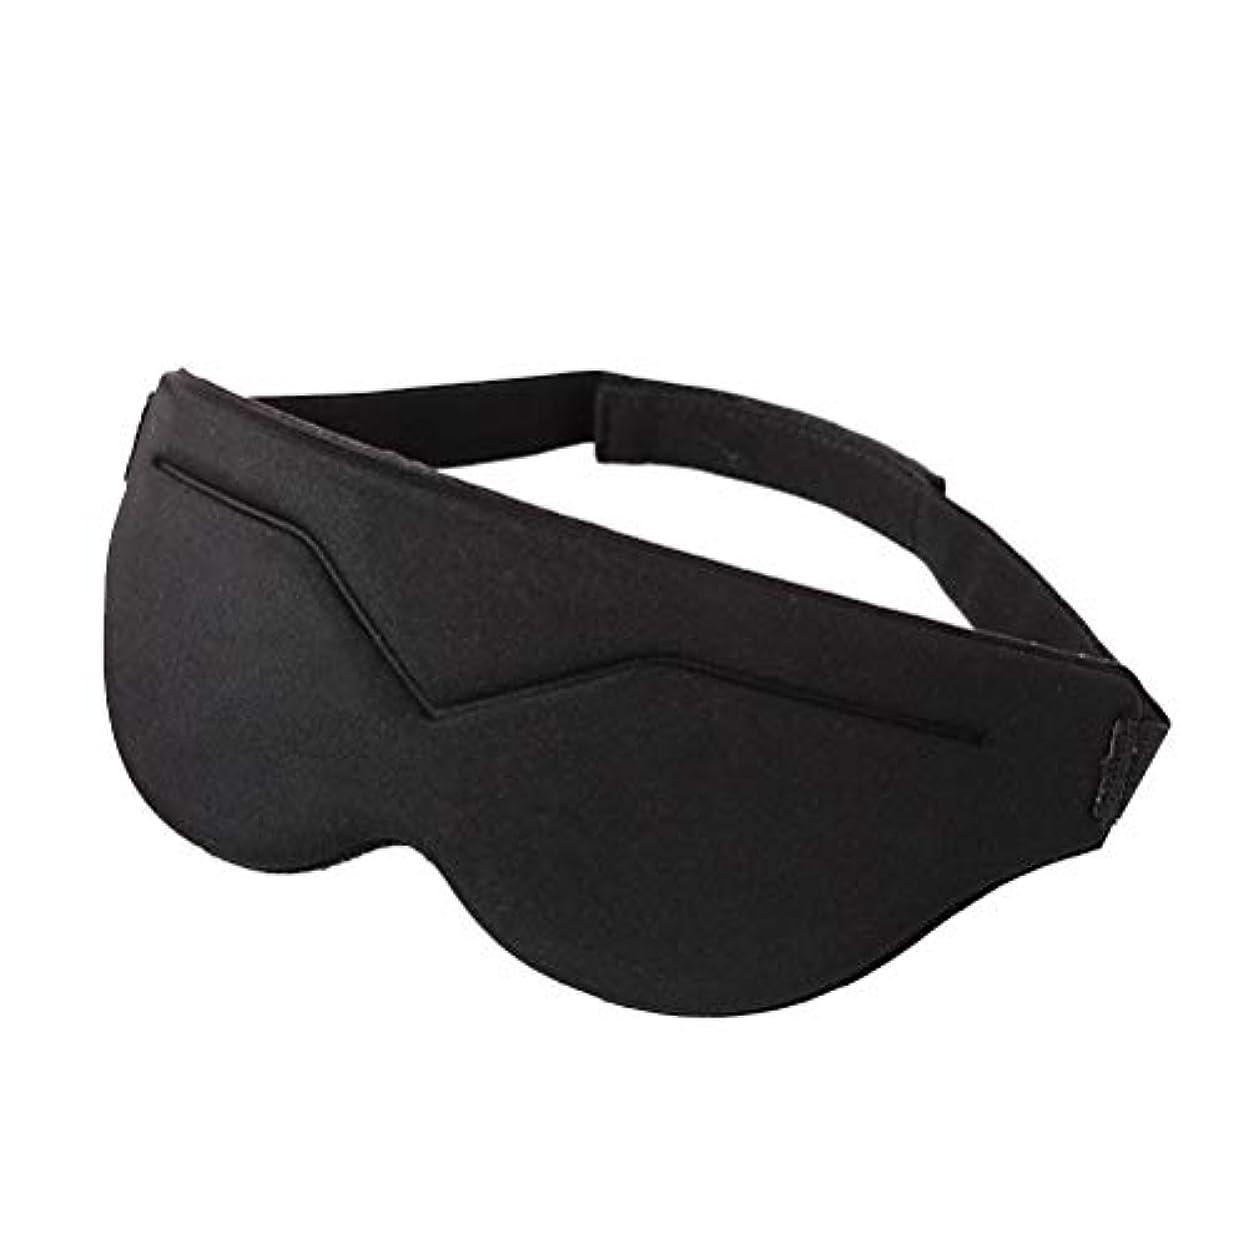 取り付け露衣類Suvox睡眠マスク3dぬいぐるみアイマスクアロマ目隠しアイカバー用女性男性子供ホームベッドオフィス旅行フライトカーキャンプ